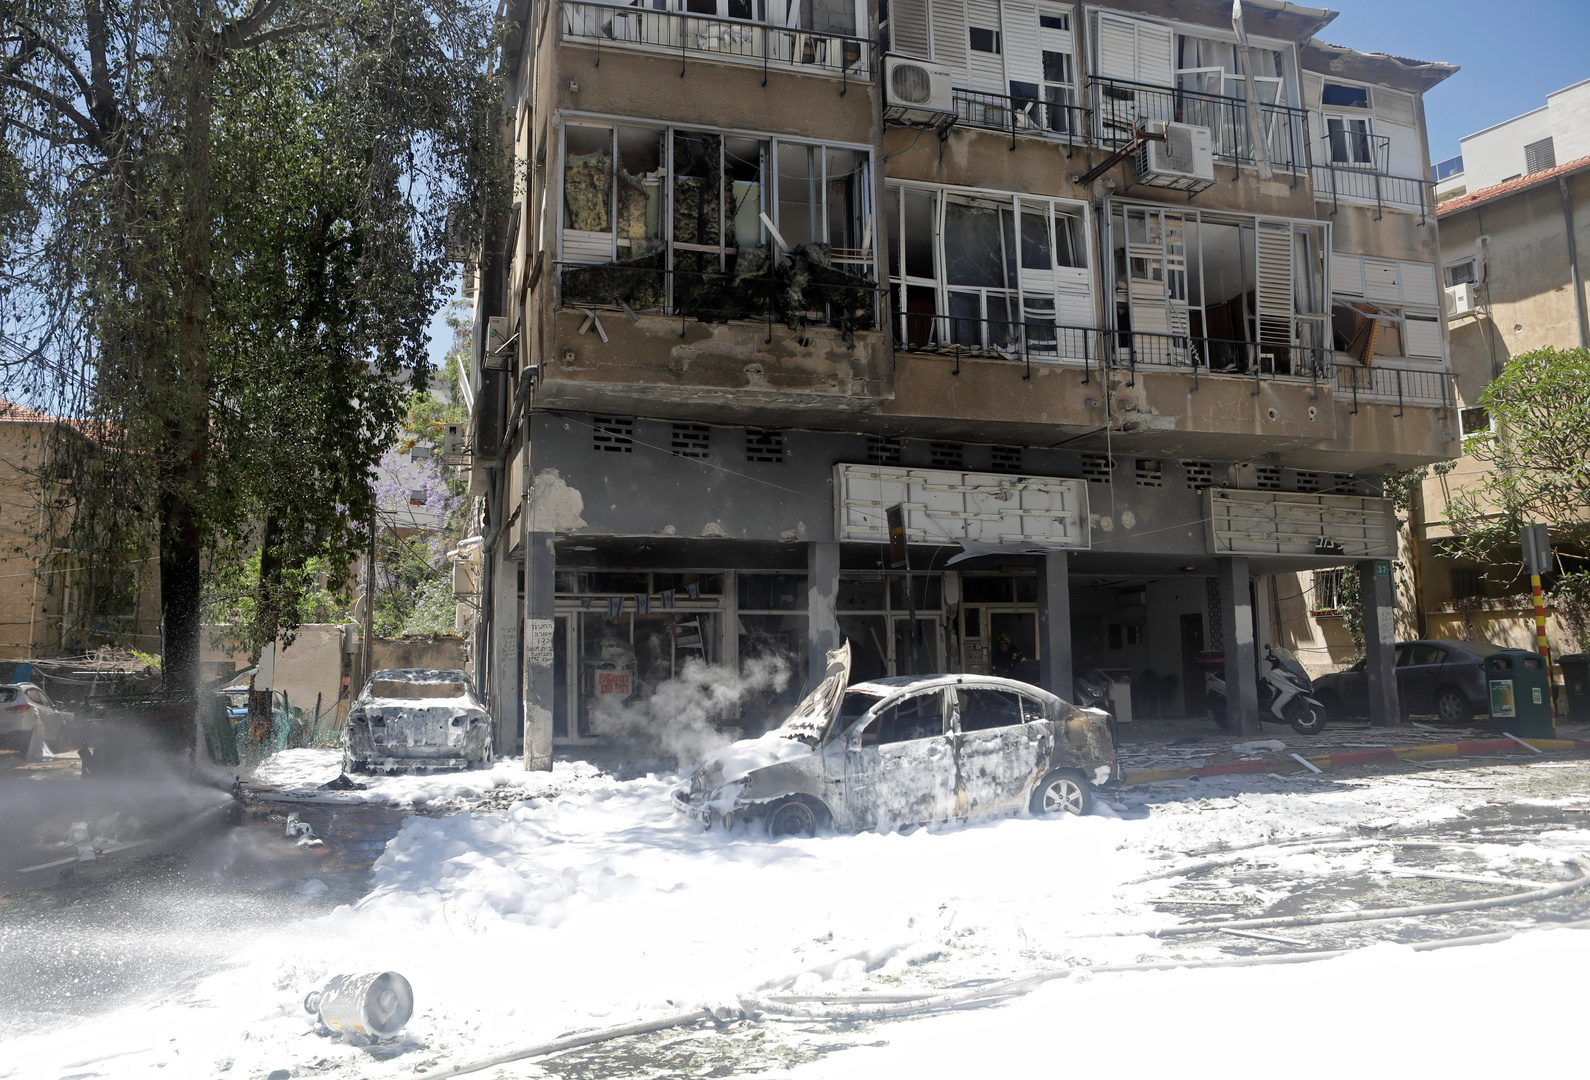 بالفيديو.. قتيل جراء سقوط صاروخين فلسطينيين على مدينة رمات غان قرب تل أبيب